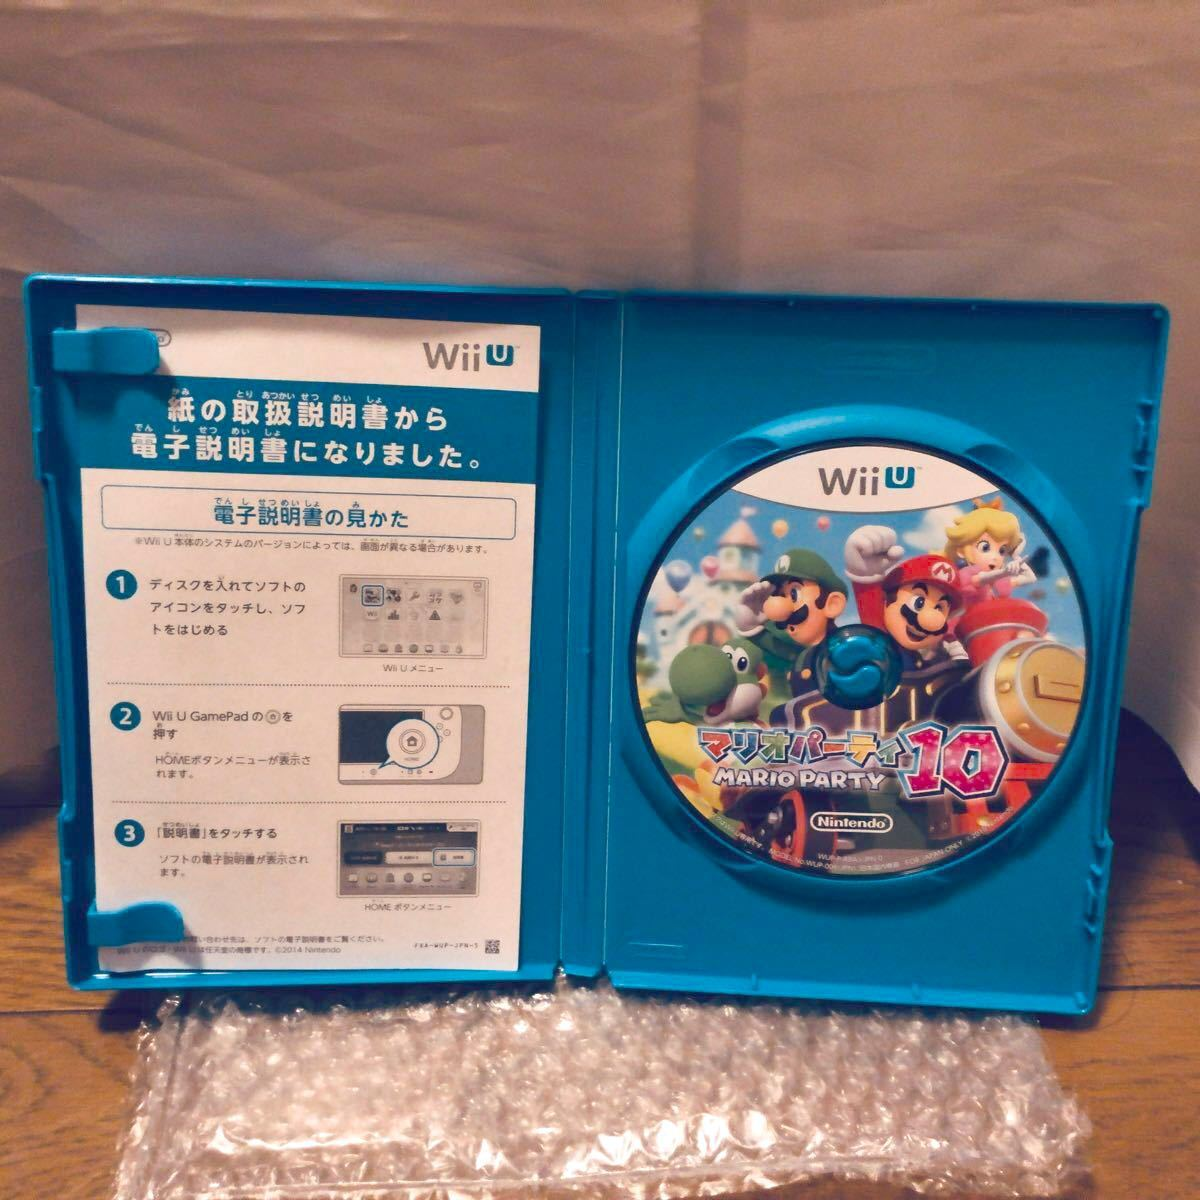 マリオパーティ10 WiiUソフト